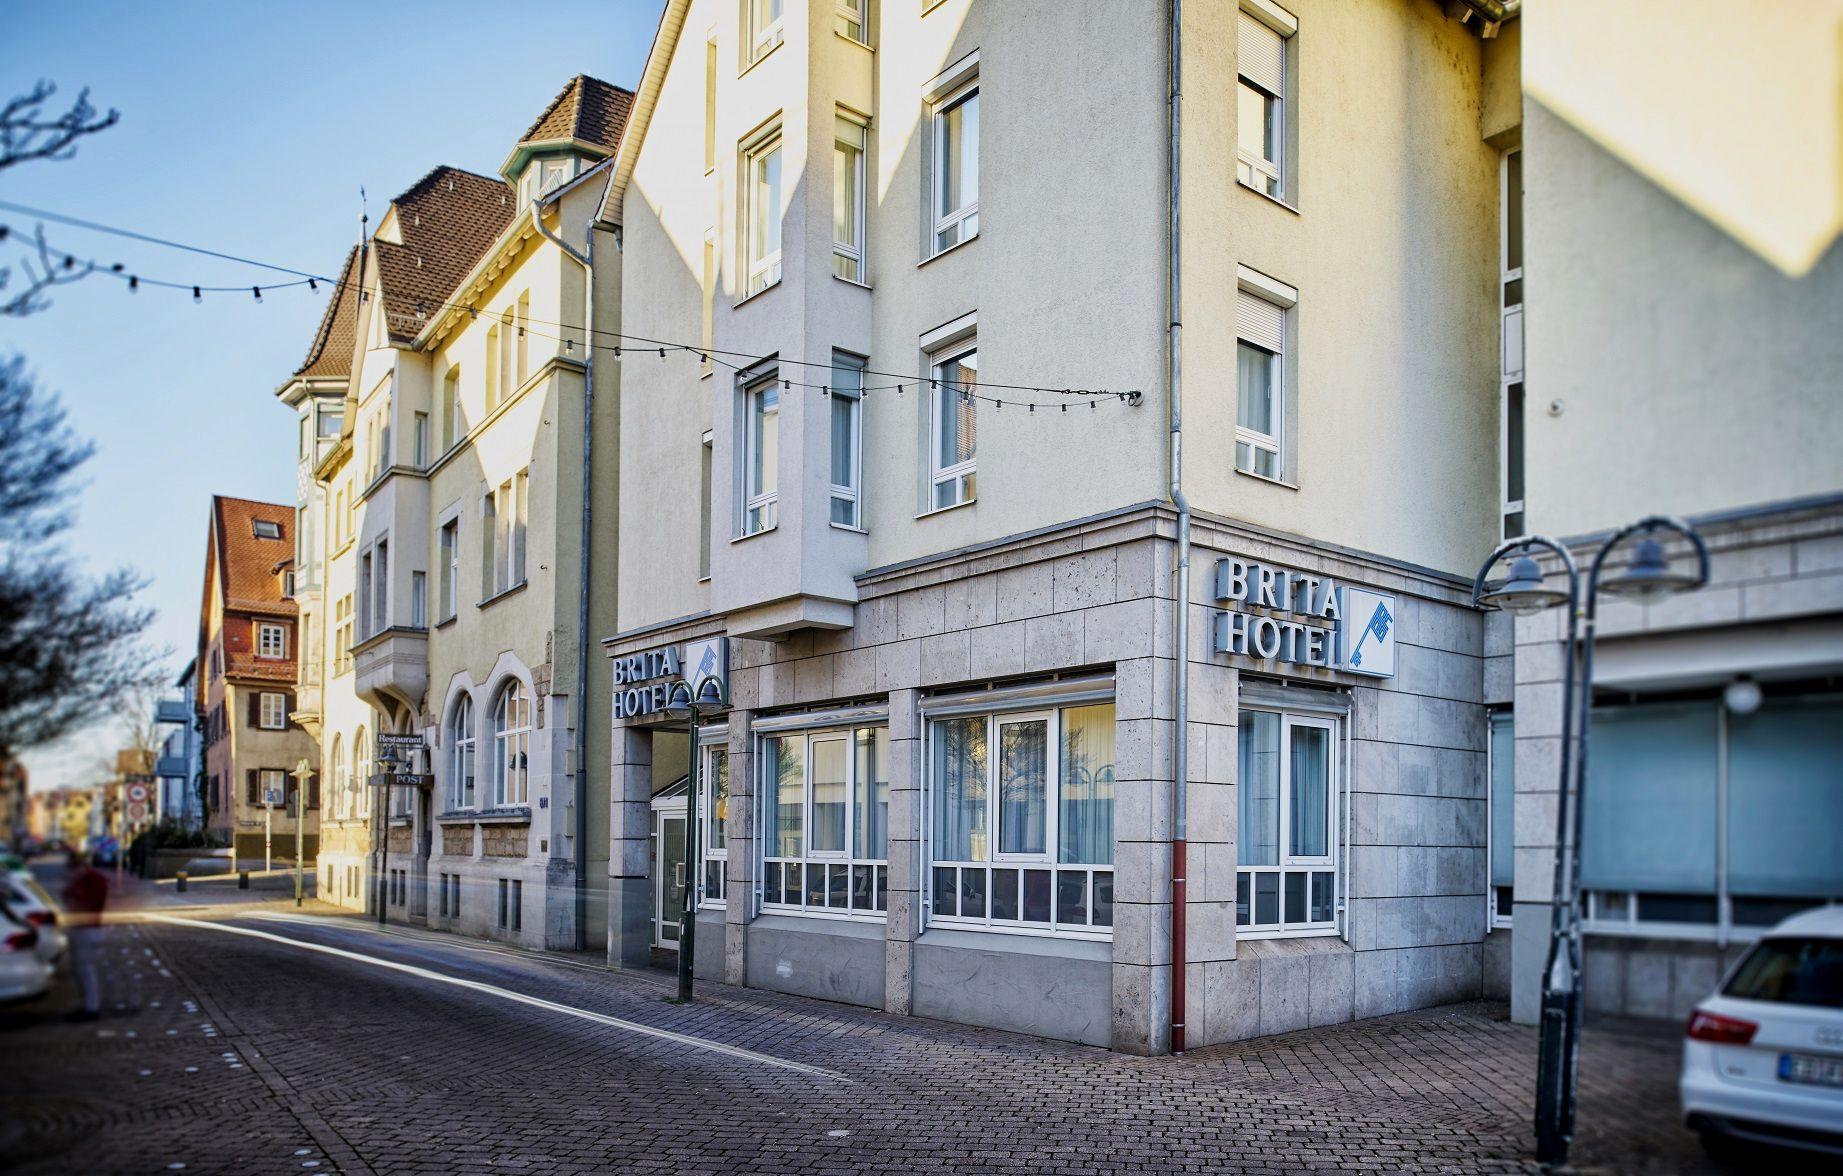 Brita Hotel & Obertürkheimer Weinlaube